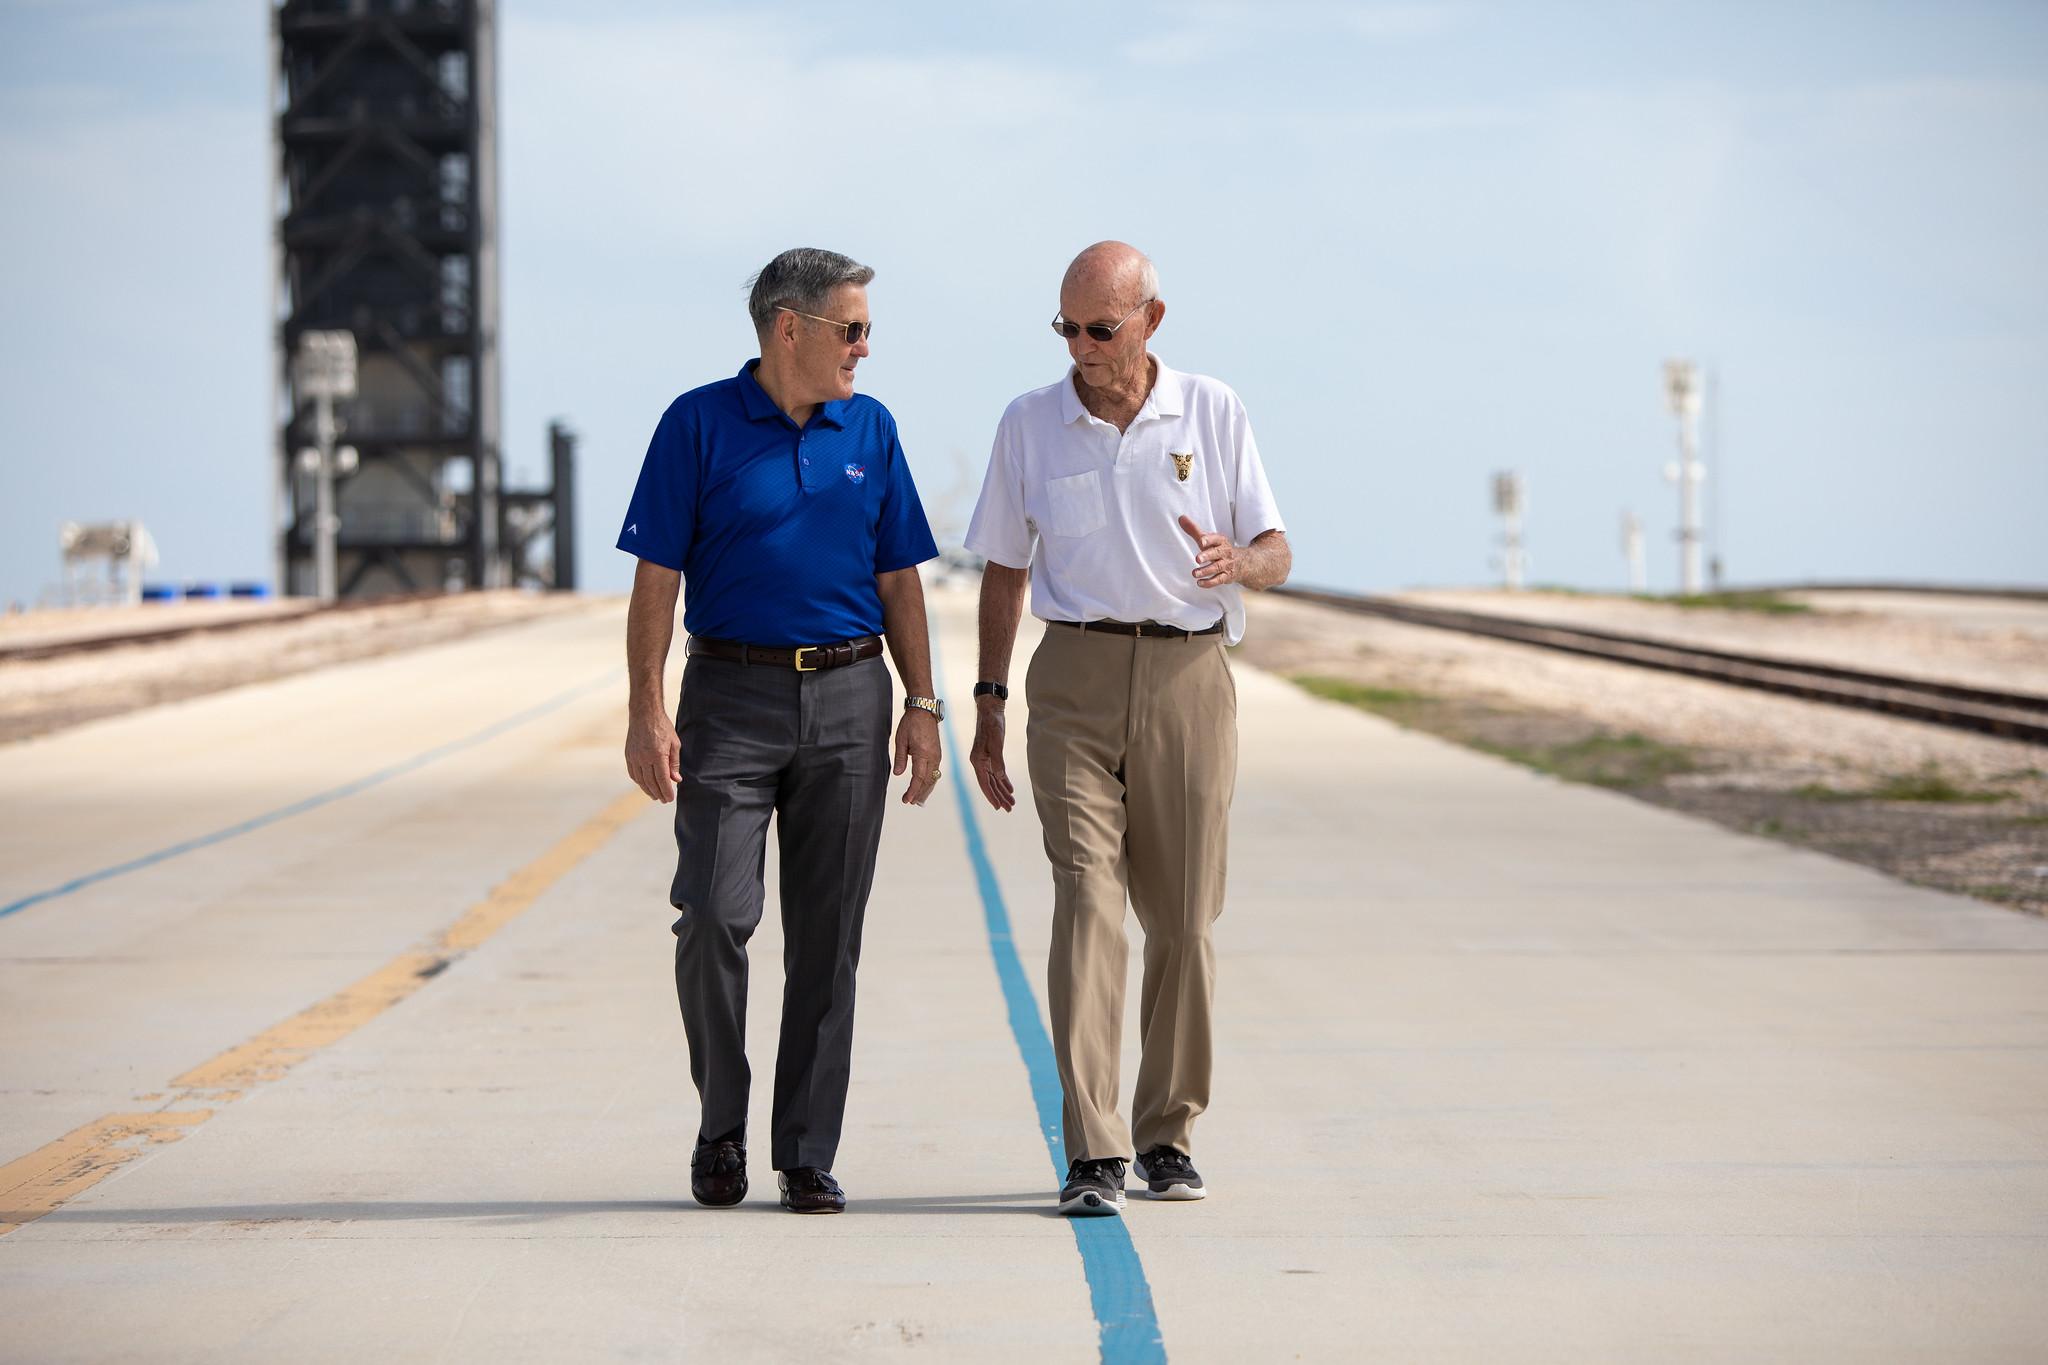 ไมเคิล คอลลินส์ (คนขวา) ภาพนี้ถ่ายเอาไว้ในวันที่ 16 กรกฎาคม ปี ค.ศ. 2019 ส่วนคนซ้ายคือผู้อำนวยการแห่งศูนย์อวกาศเคนเนดี บ๊อบคาบาน่า ณ ฐานปล่อยจรวด Launch Complex 39A ภาพโดย NASA/Frank Michaux